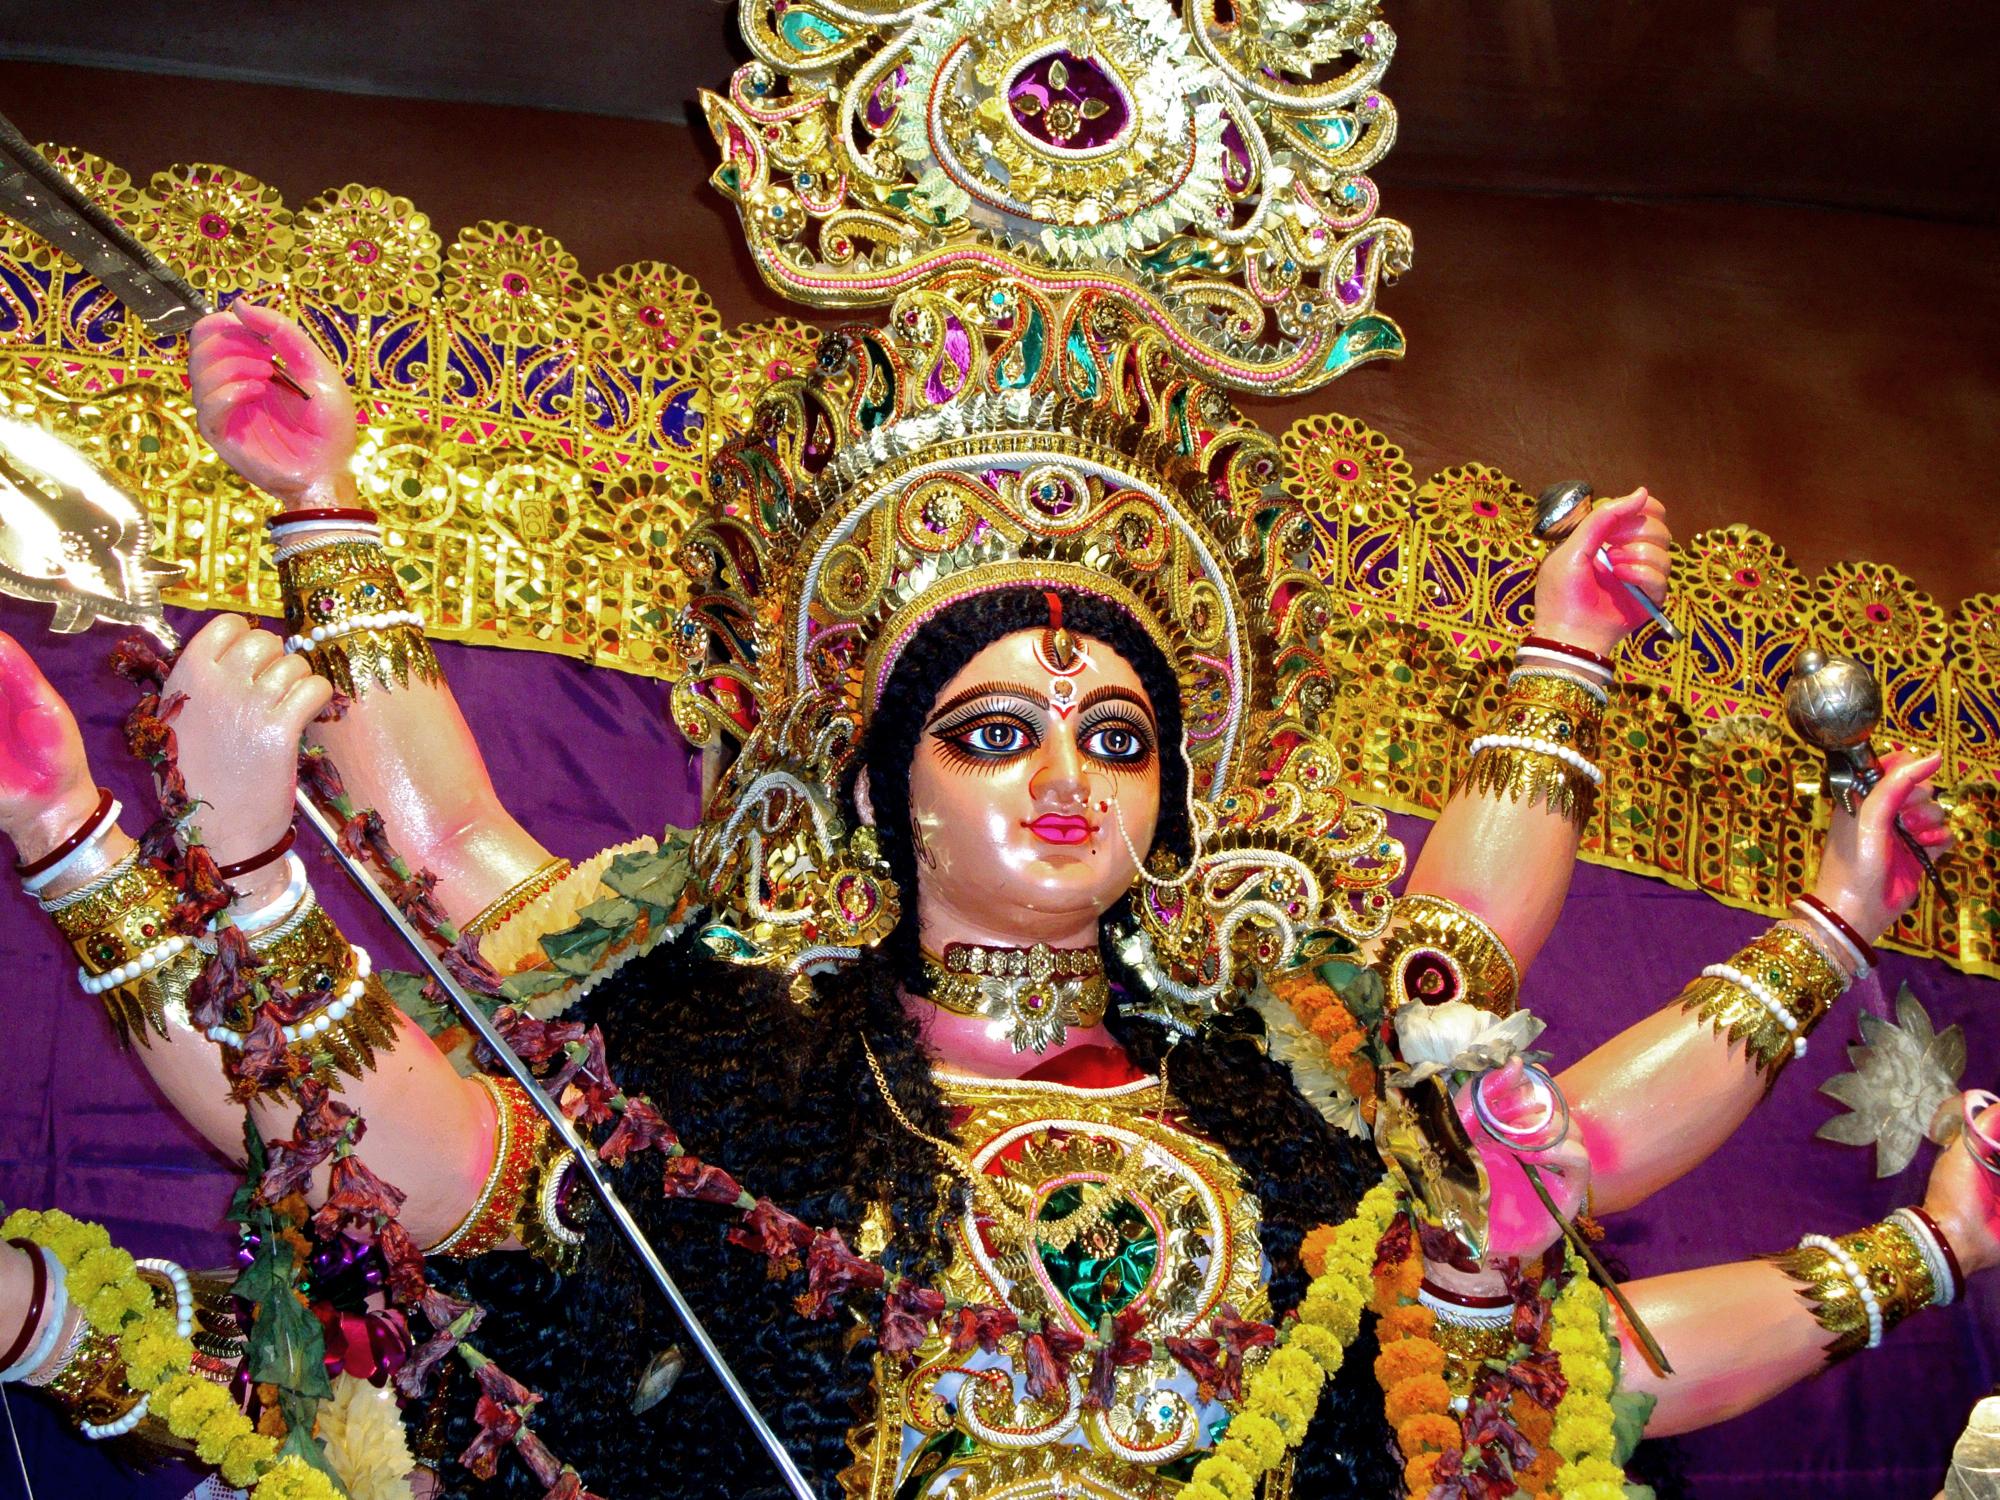 PunjabKesari, Surya mantra, Lord Surya, Surya Dev, सूर्य देव, सूर्य, Worship Of Surya Dev, Surya mantra in hindi, Mantra Bhajan Aarti, Vedic Mantra In hindi, Vedic Shalokas